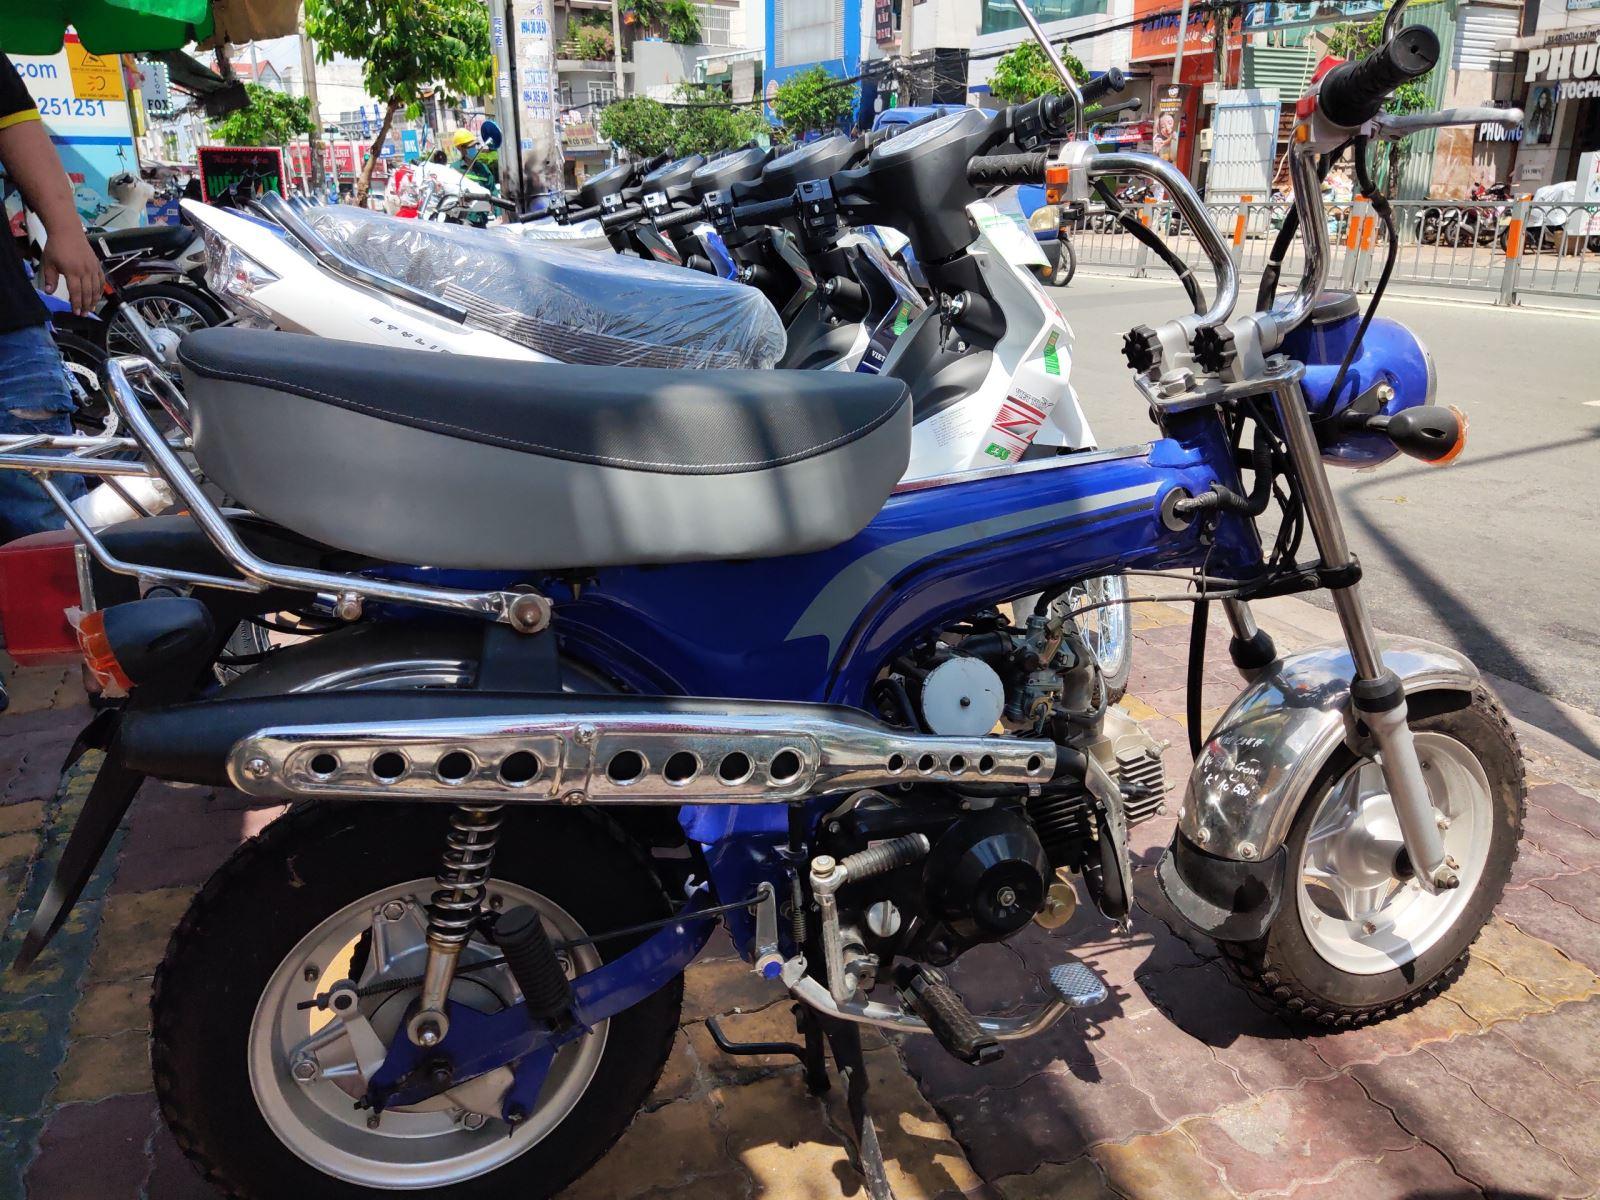 Bán Honda Dax  50cc , dòng xe mới chưa sử dụng , bán 13tr